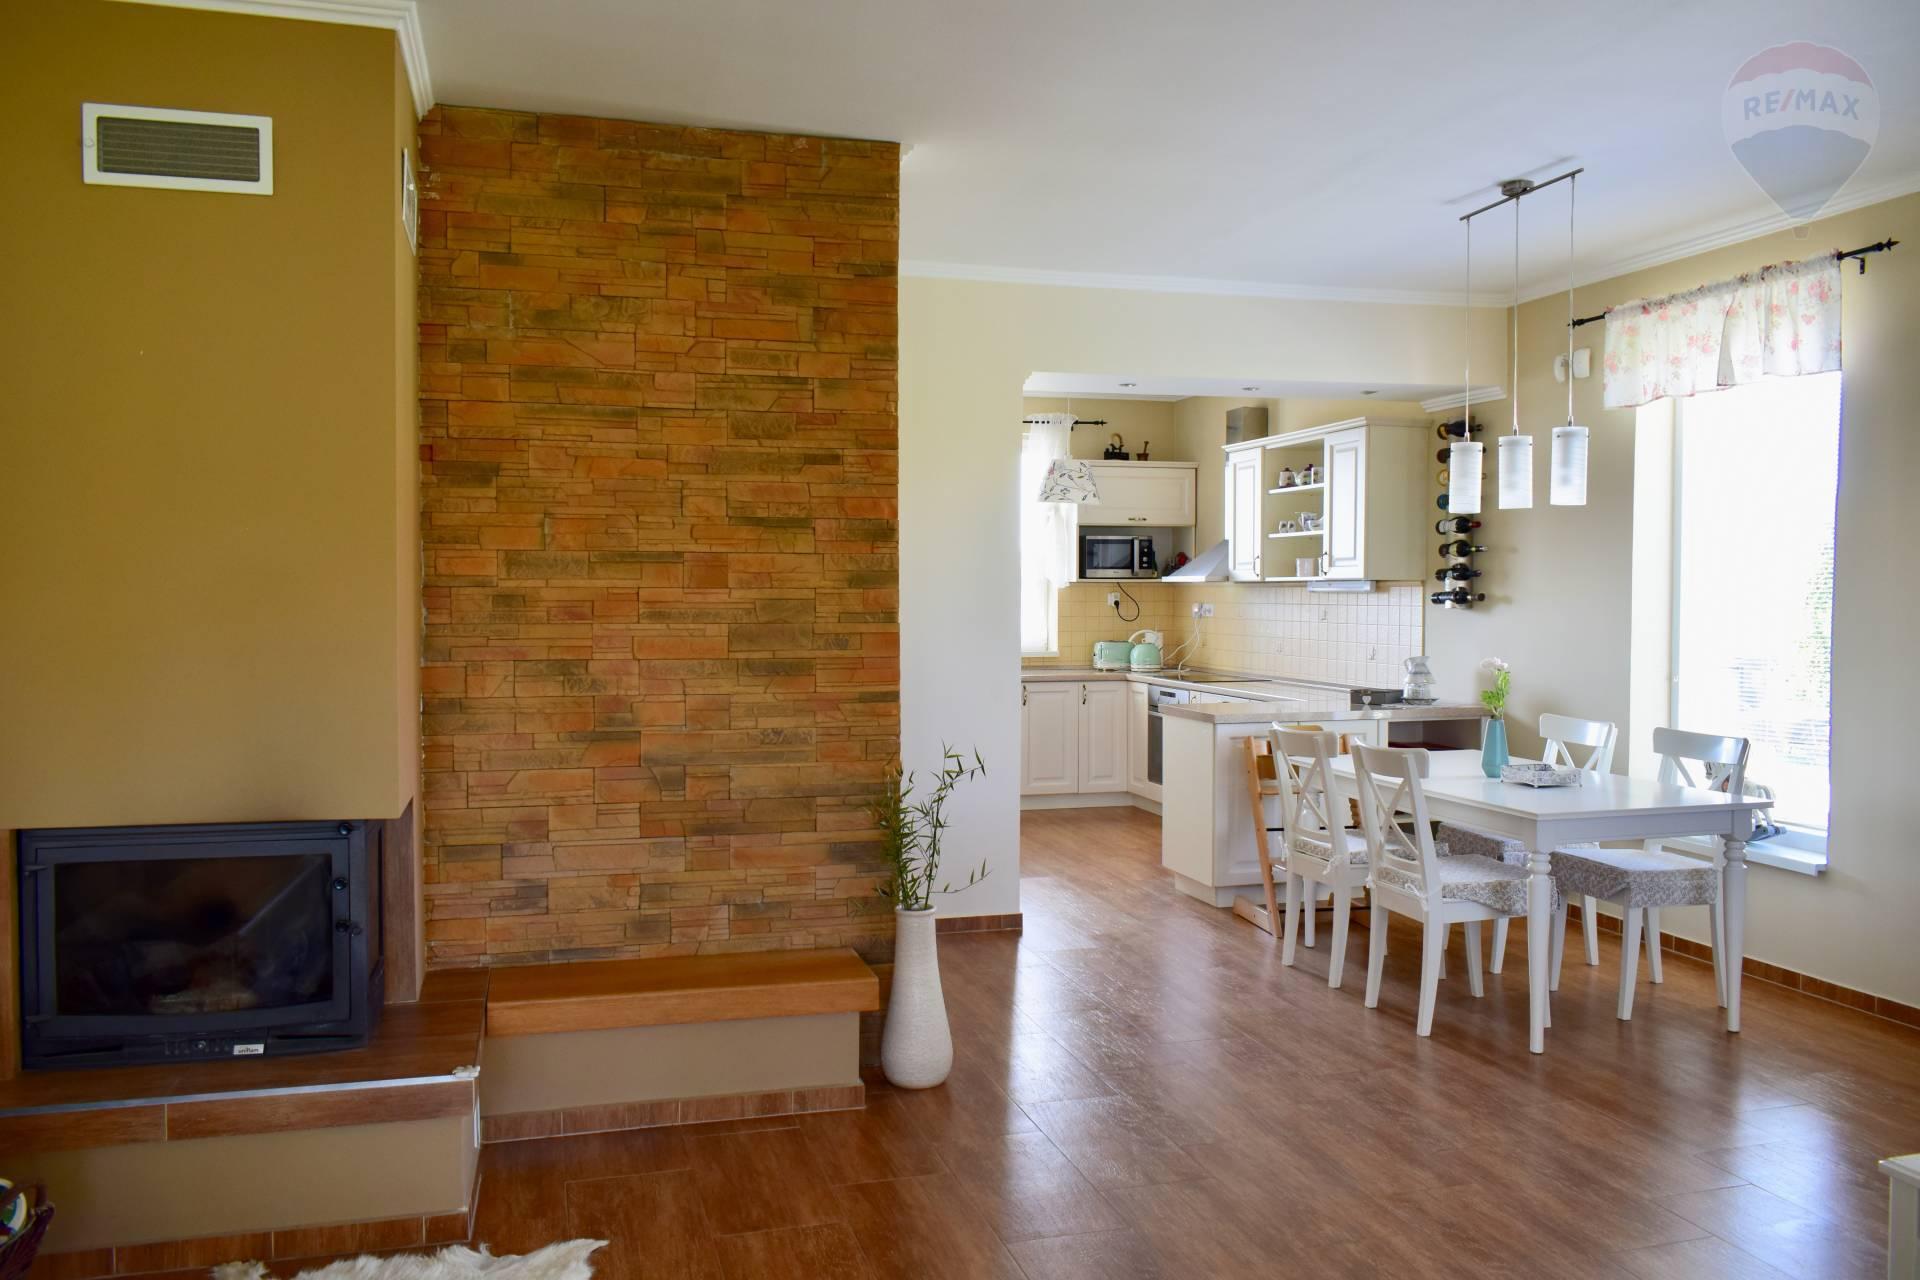 Predaj domu 118 m2, Blatná na Ostrove - 3 izbový rodinný dom s garážou Blatná na Ostrove